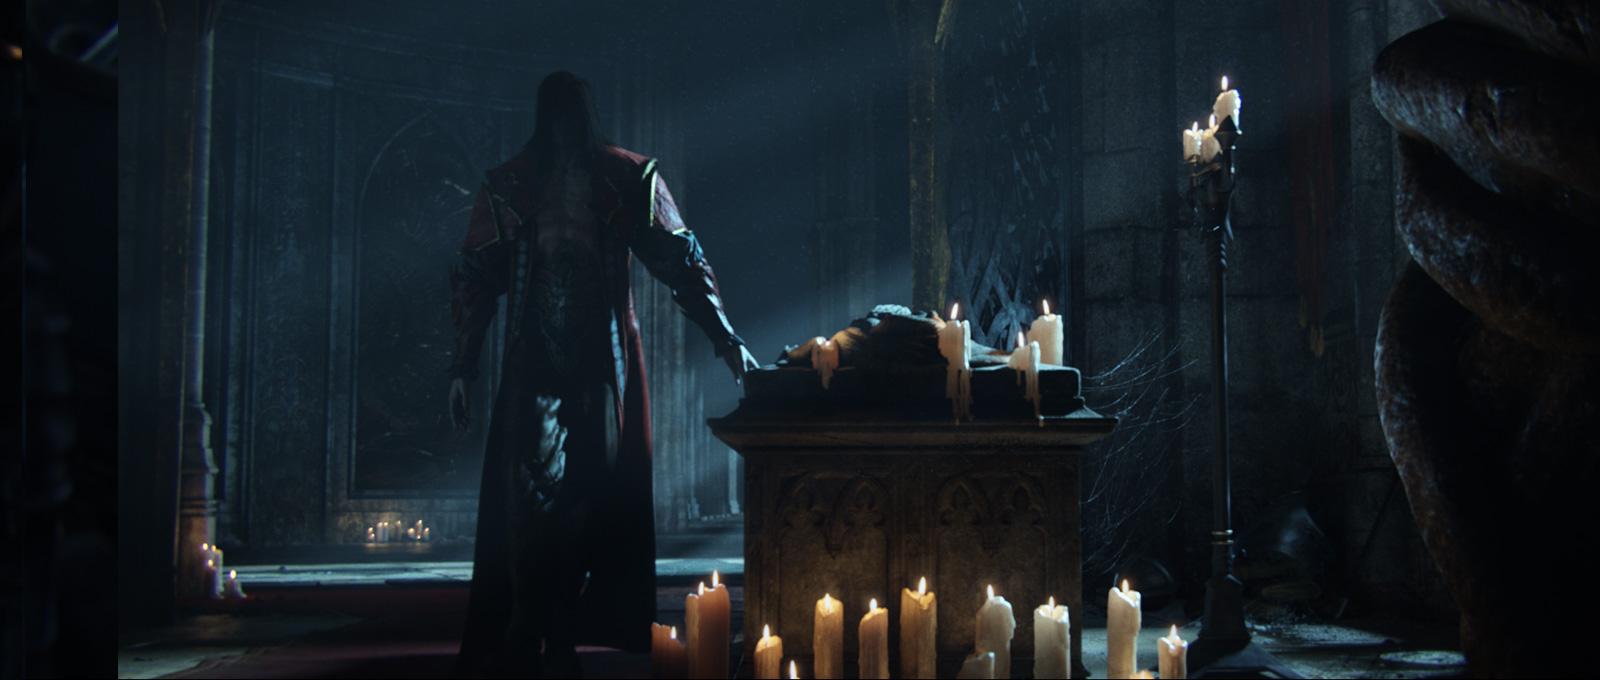 Video Games | The Nerd Nexus